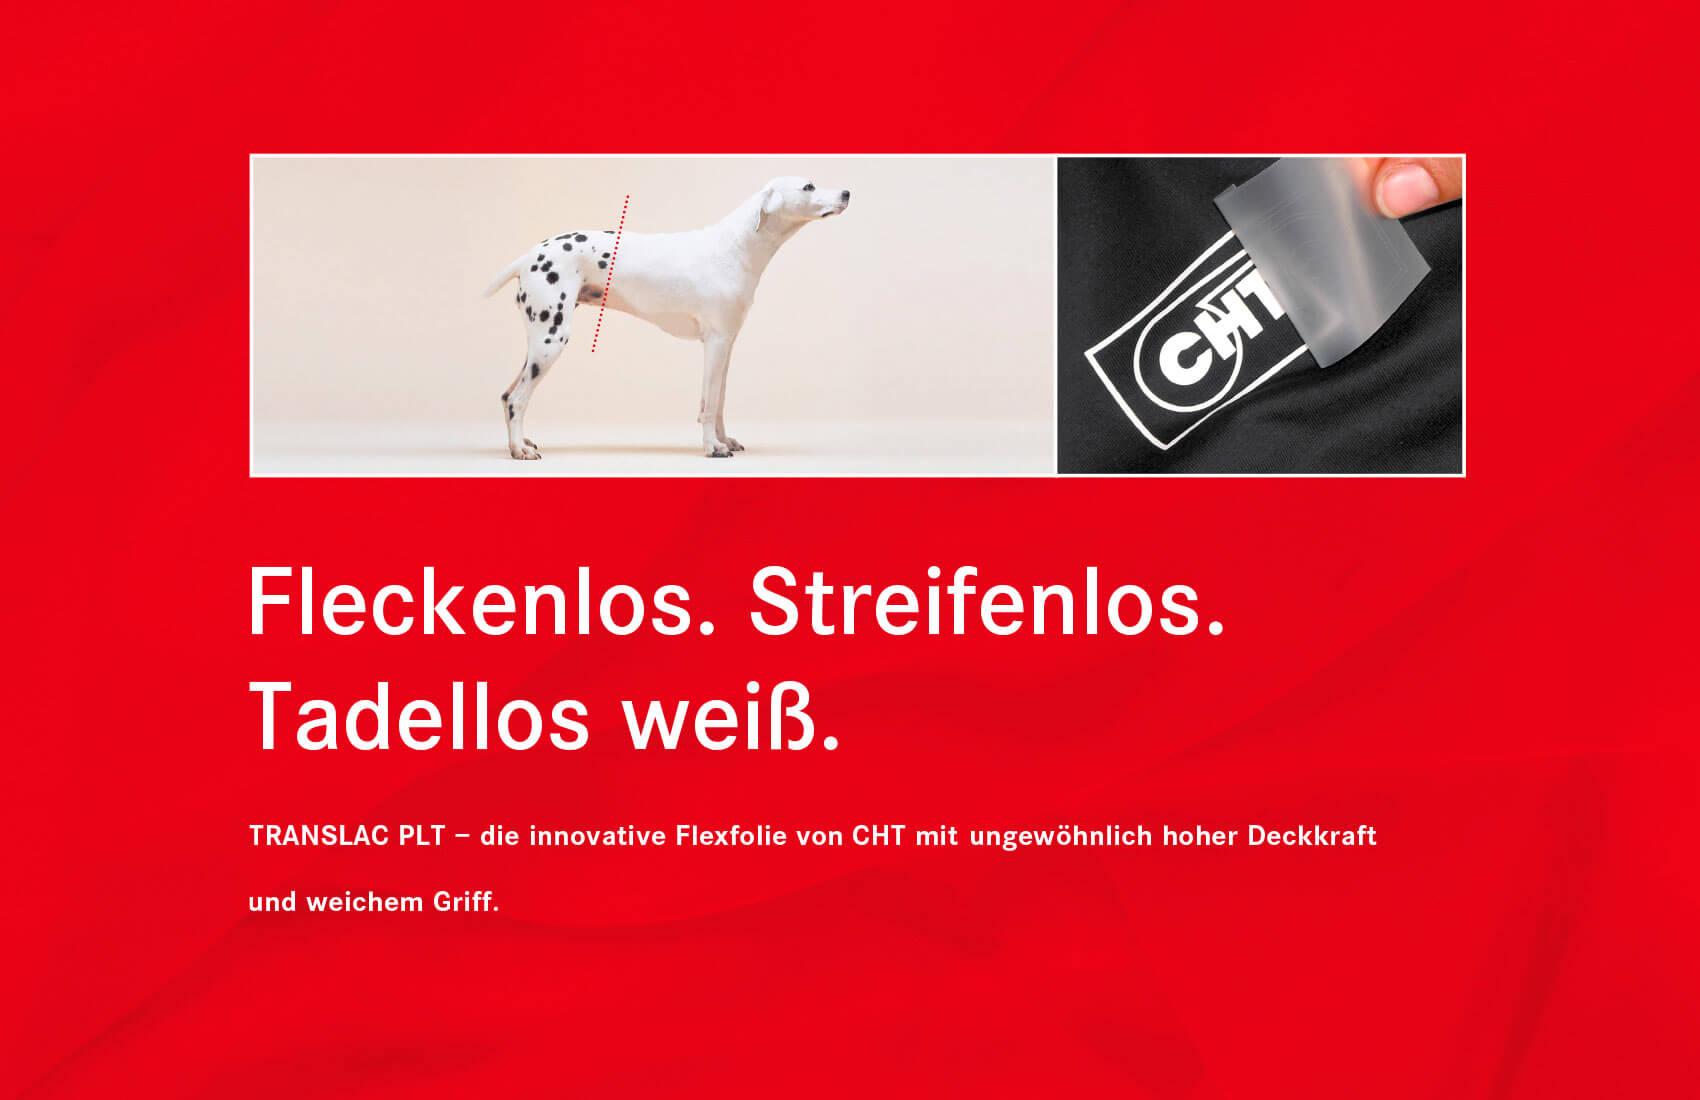 In einer Anzeige steht ein Dalmatiner, der von Bauch bis Kopf keine Flecken hat, die makellose Qualität der Textilfolie von CHT.